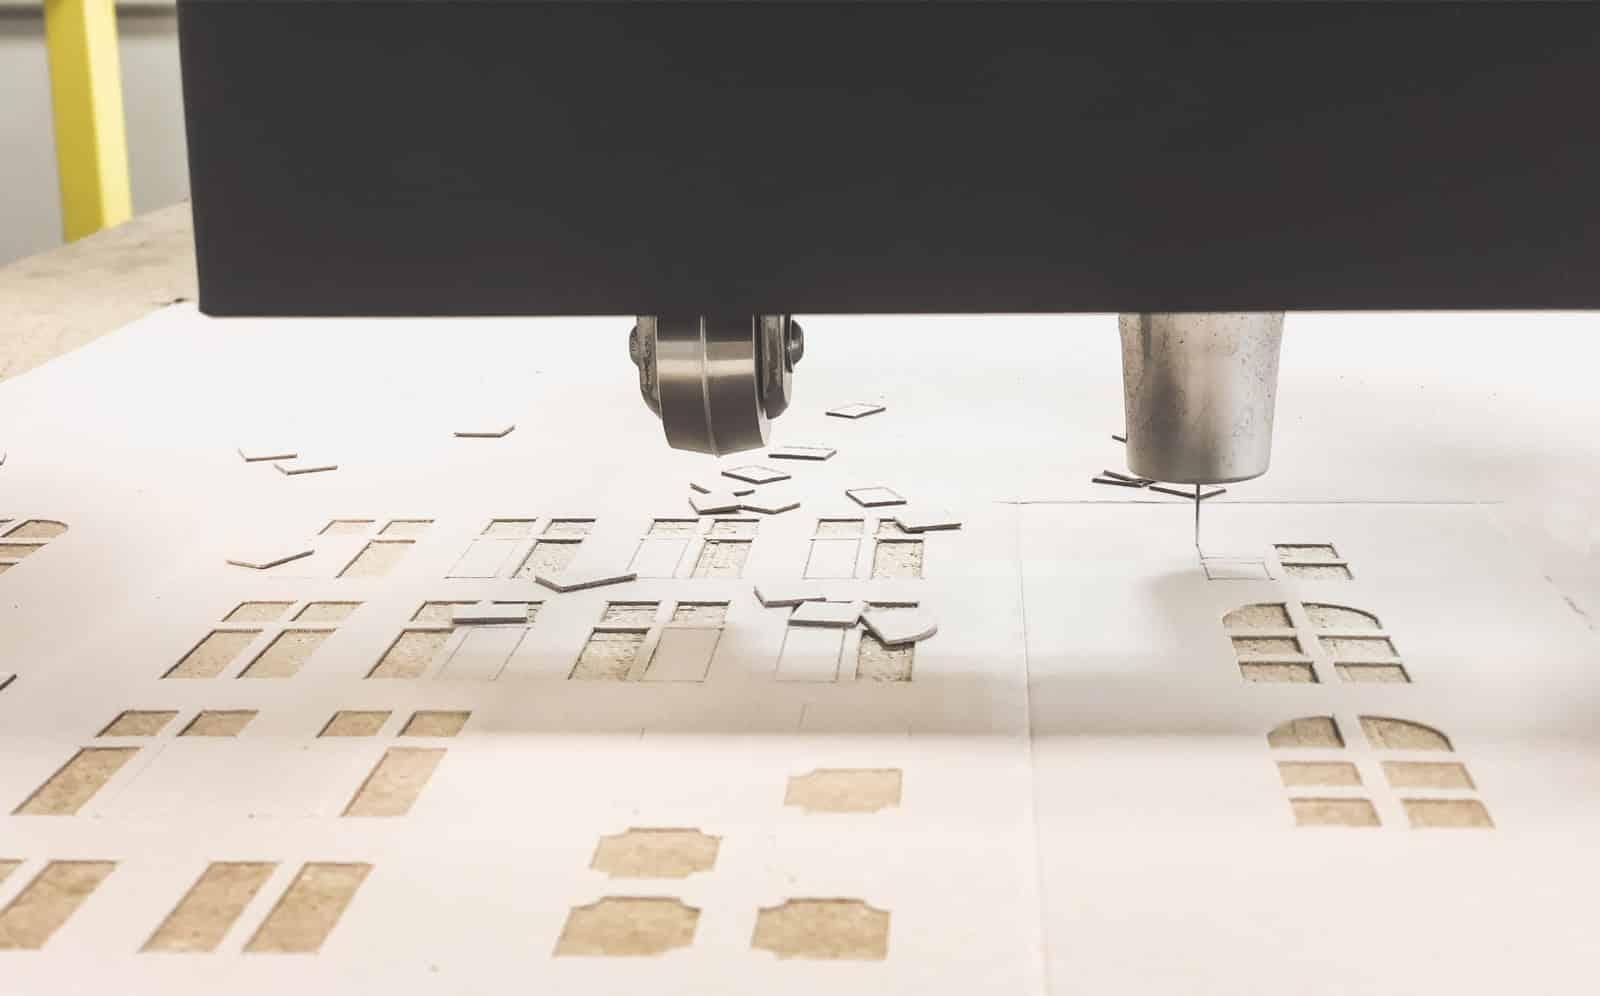 Maszyna CNC w pracowni Architected Sound wycina po obrysie kartonowe lampiony kamieniczki